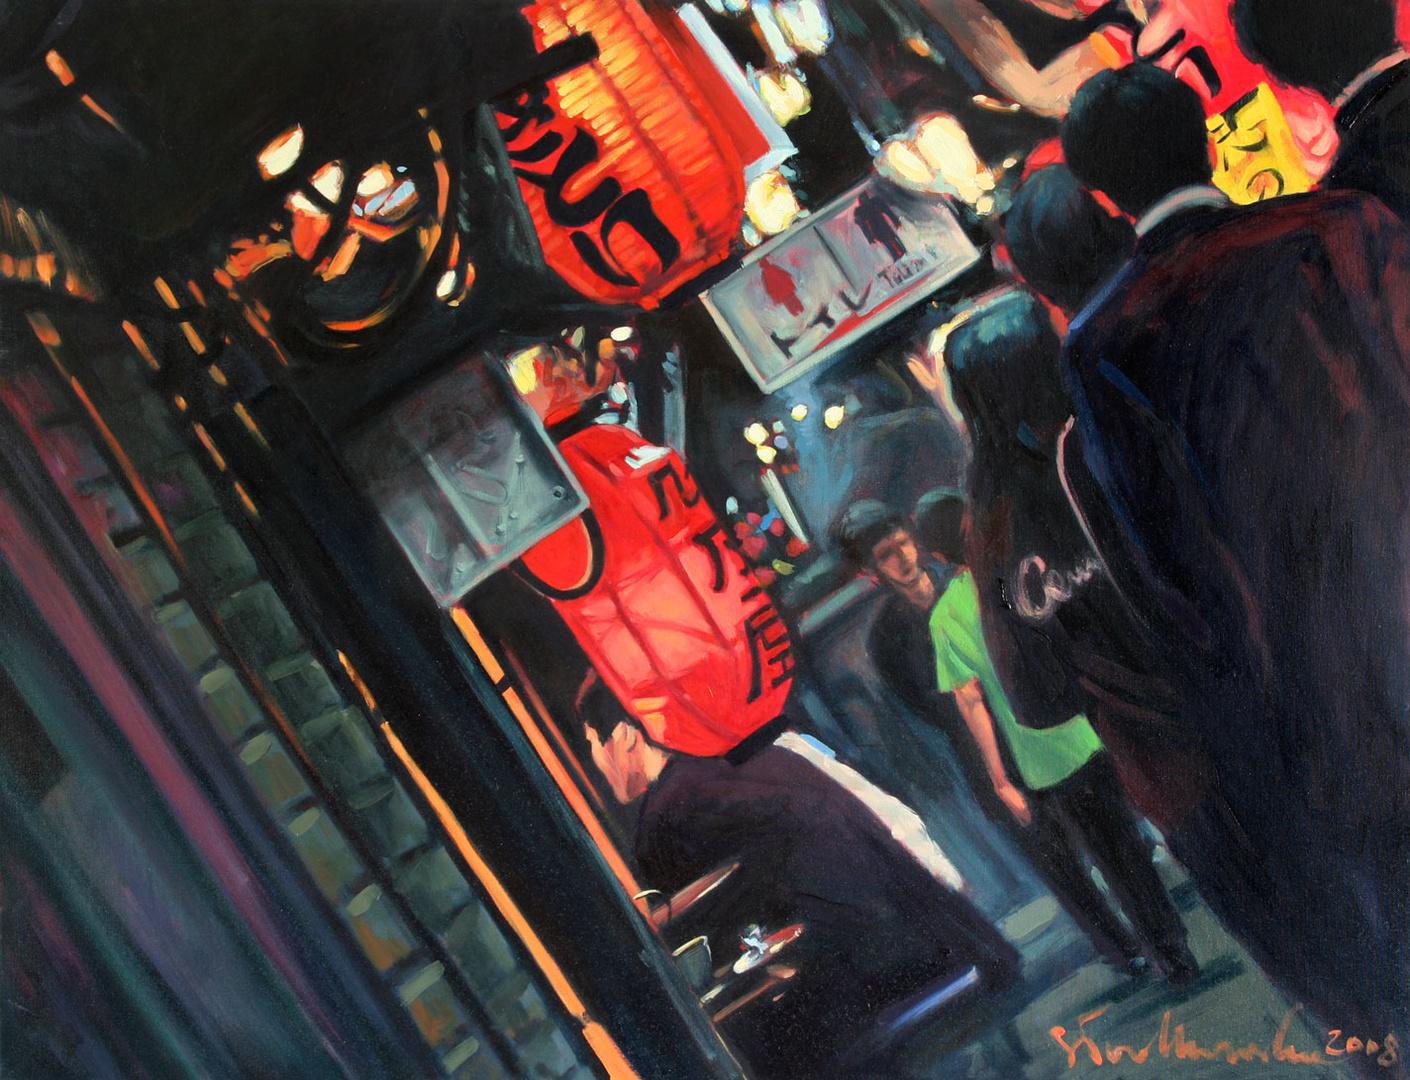 olej na płótnie 116 x 89, 2008